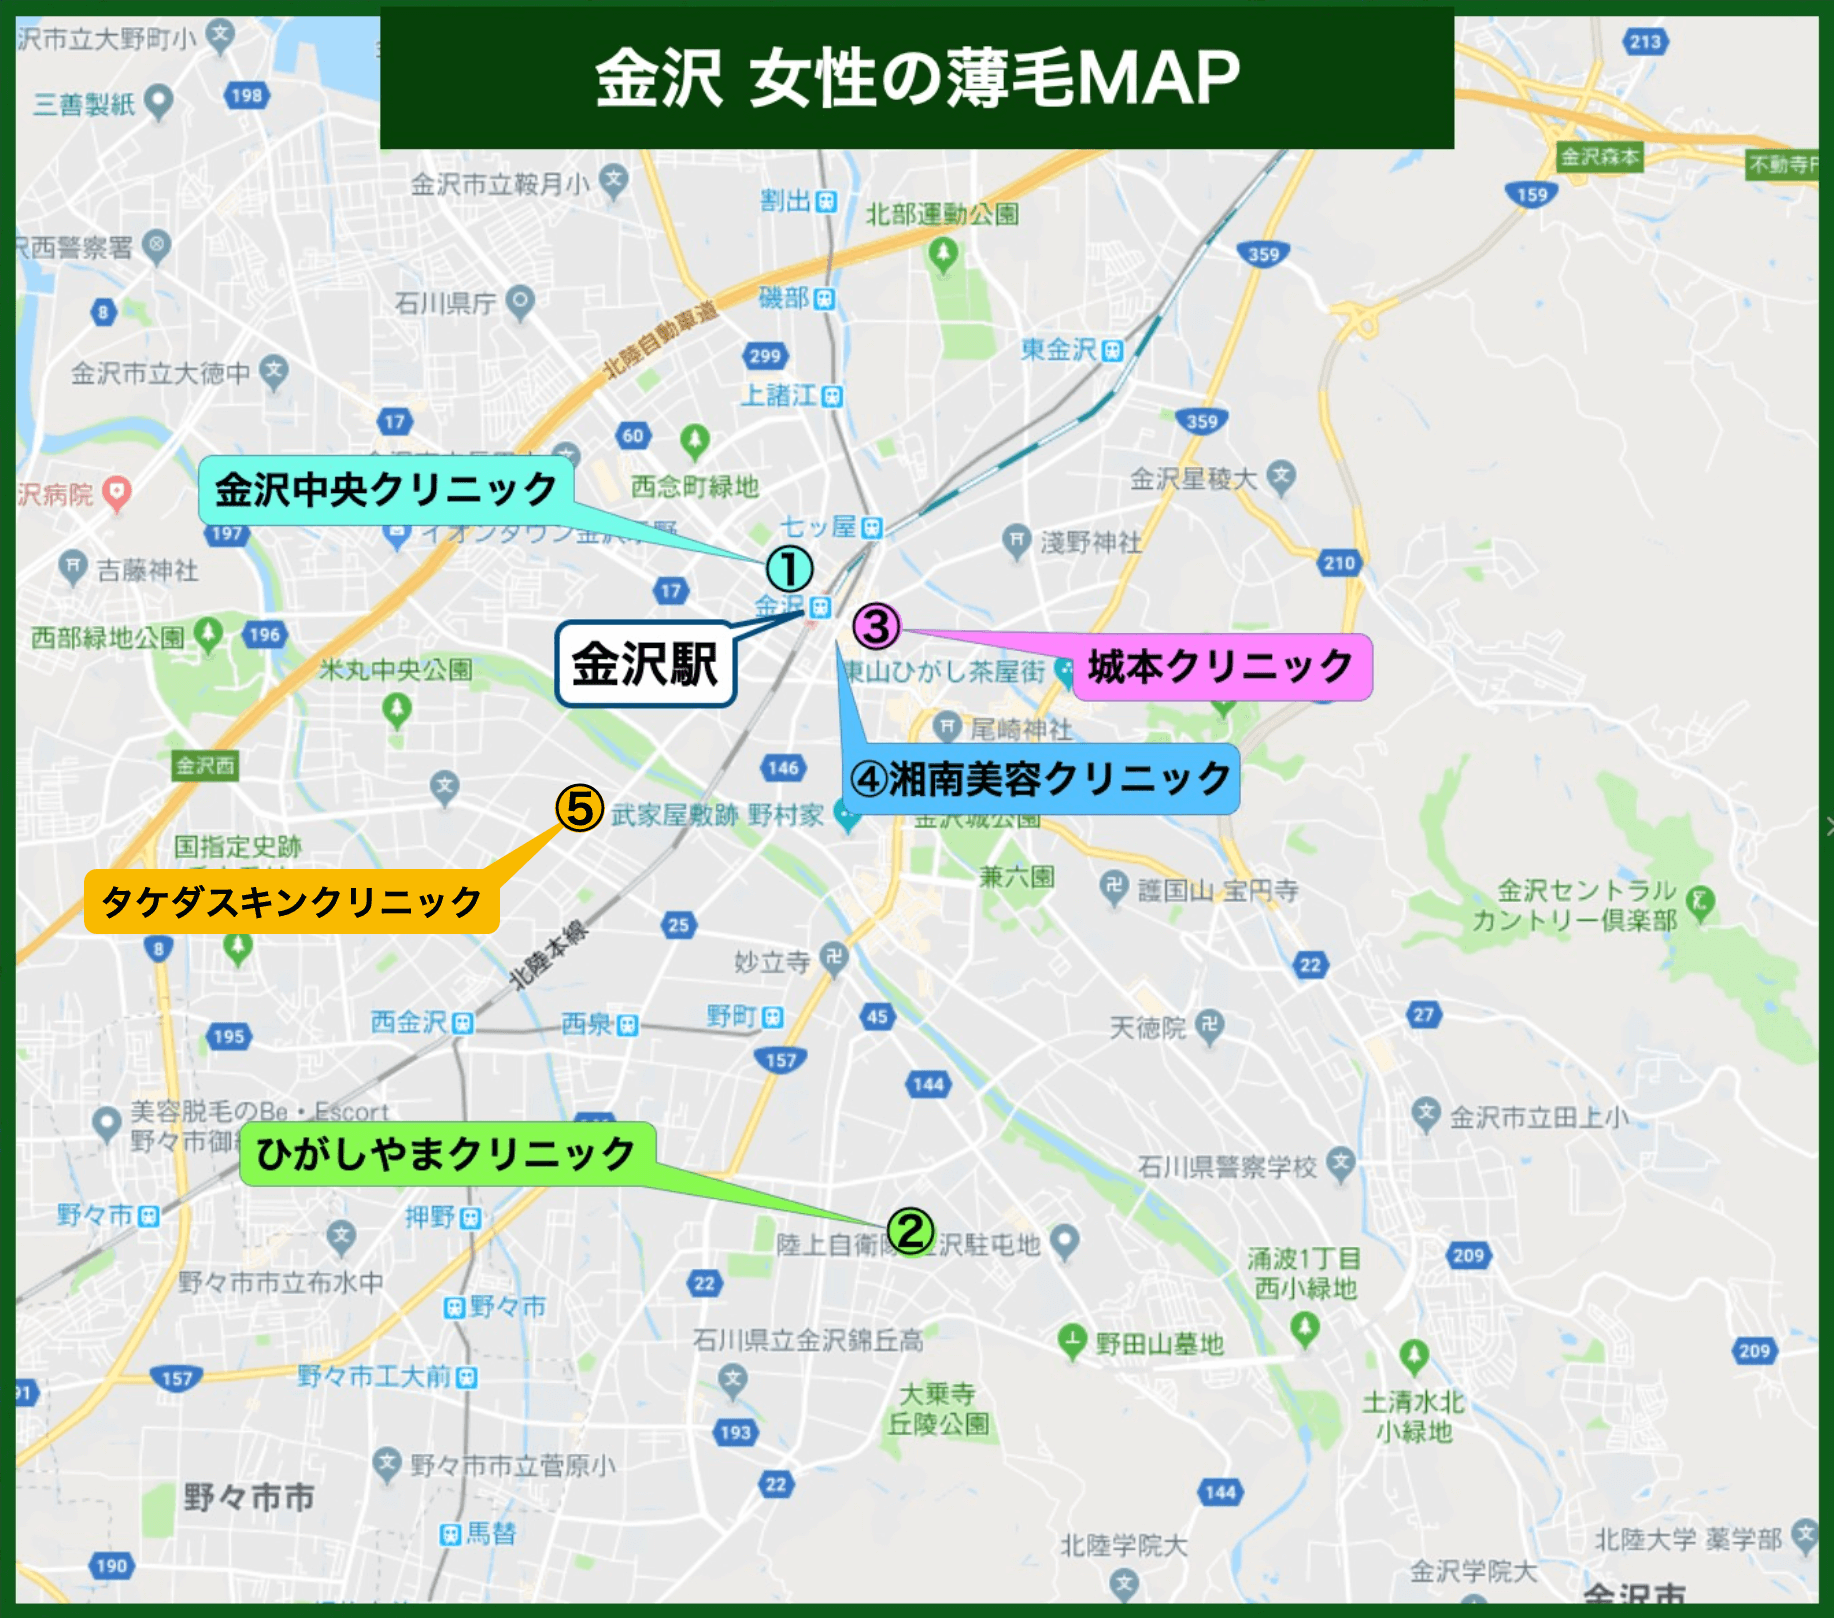 金沢 女性の薄毛MAP